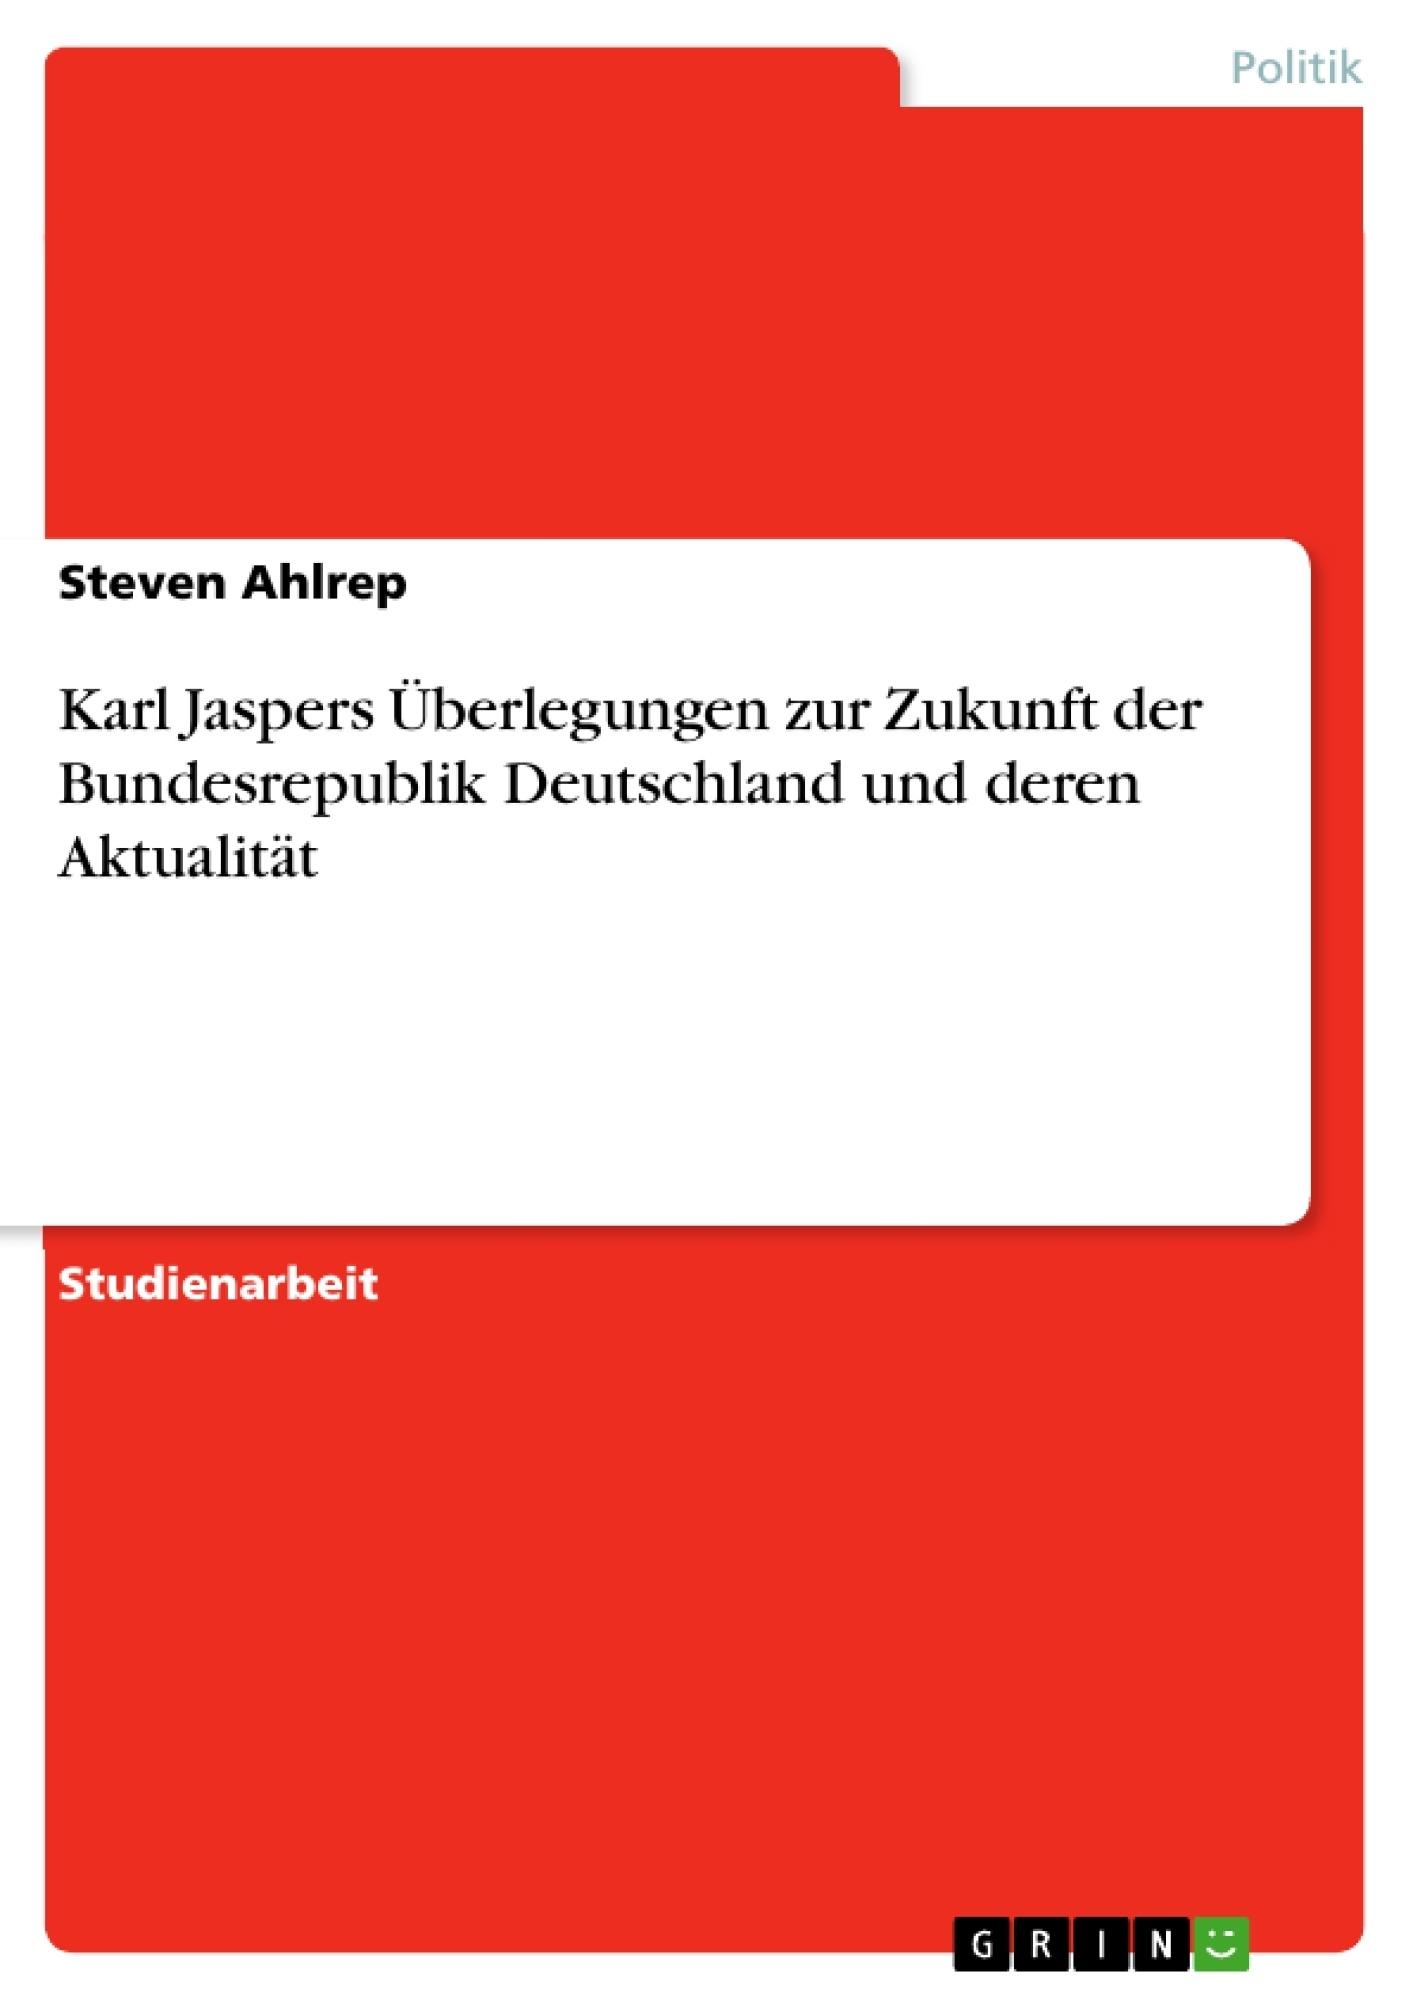 Titel: Karl Jaspers Überlegungen zur Zukunft der Bundesrepublik Deutschland und deren Aktualität